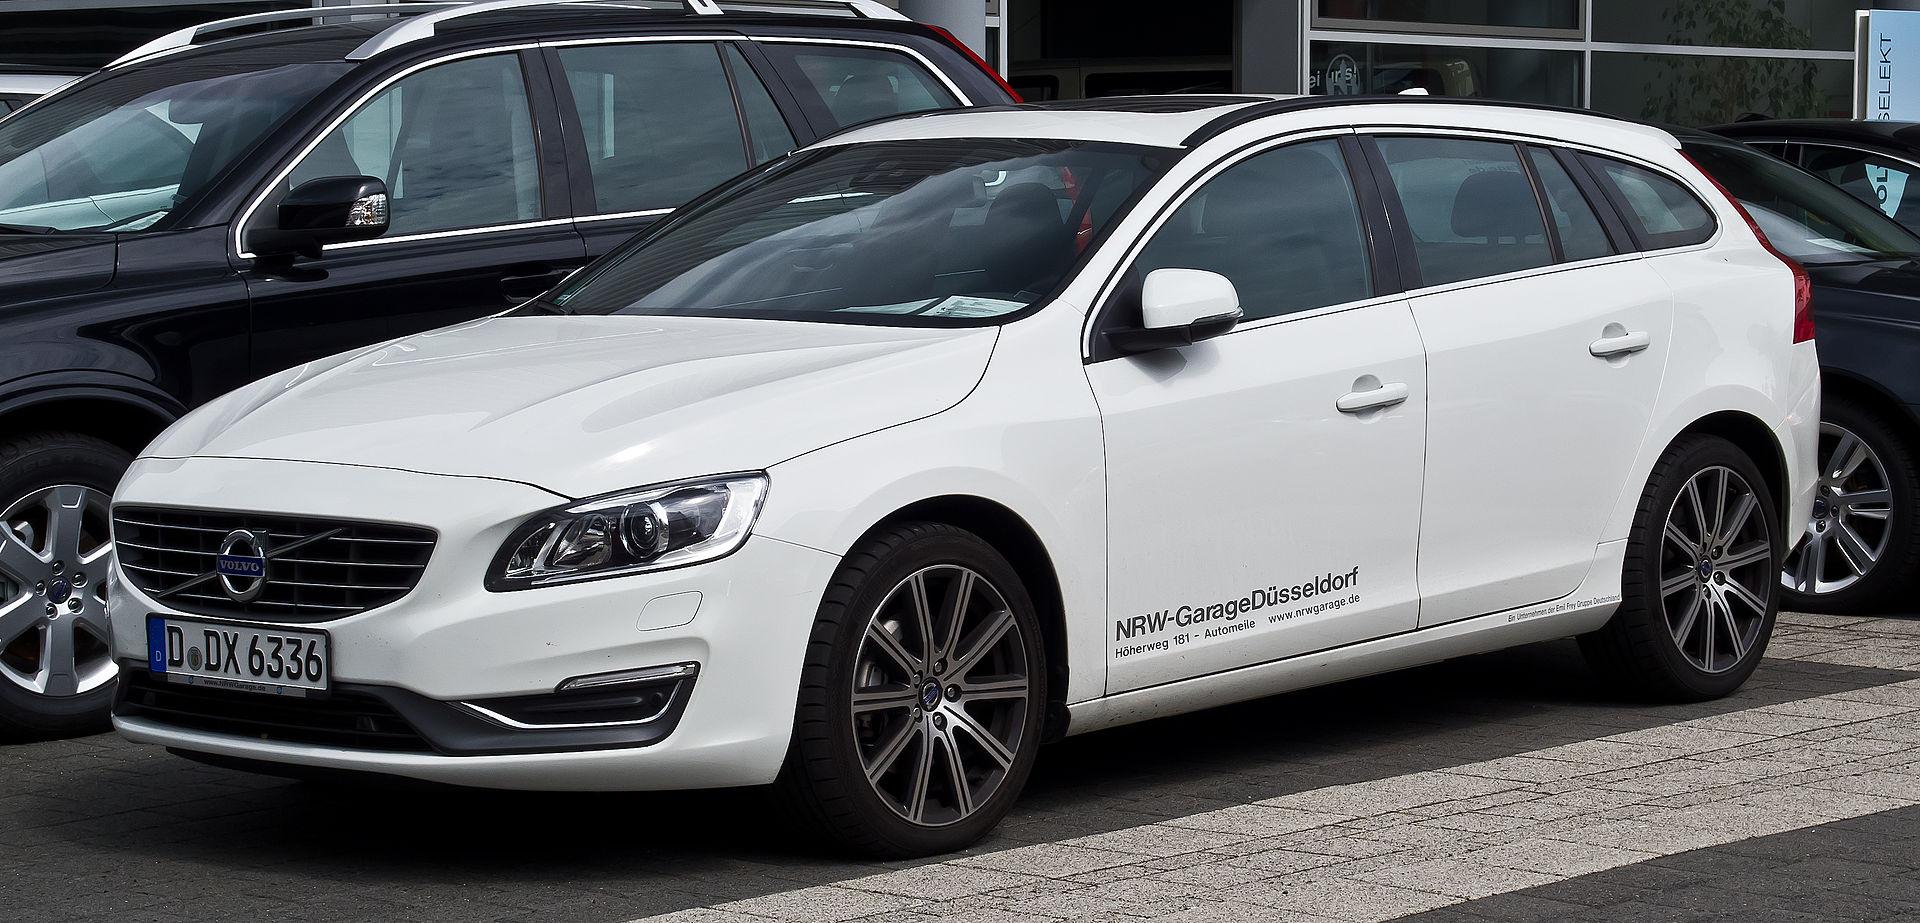 Volvo V60 - Wikipedia